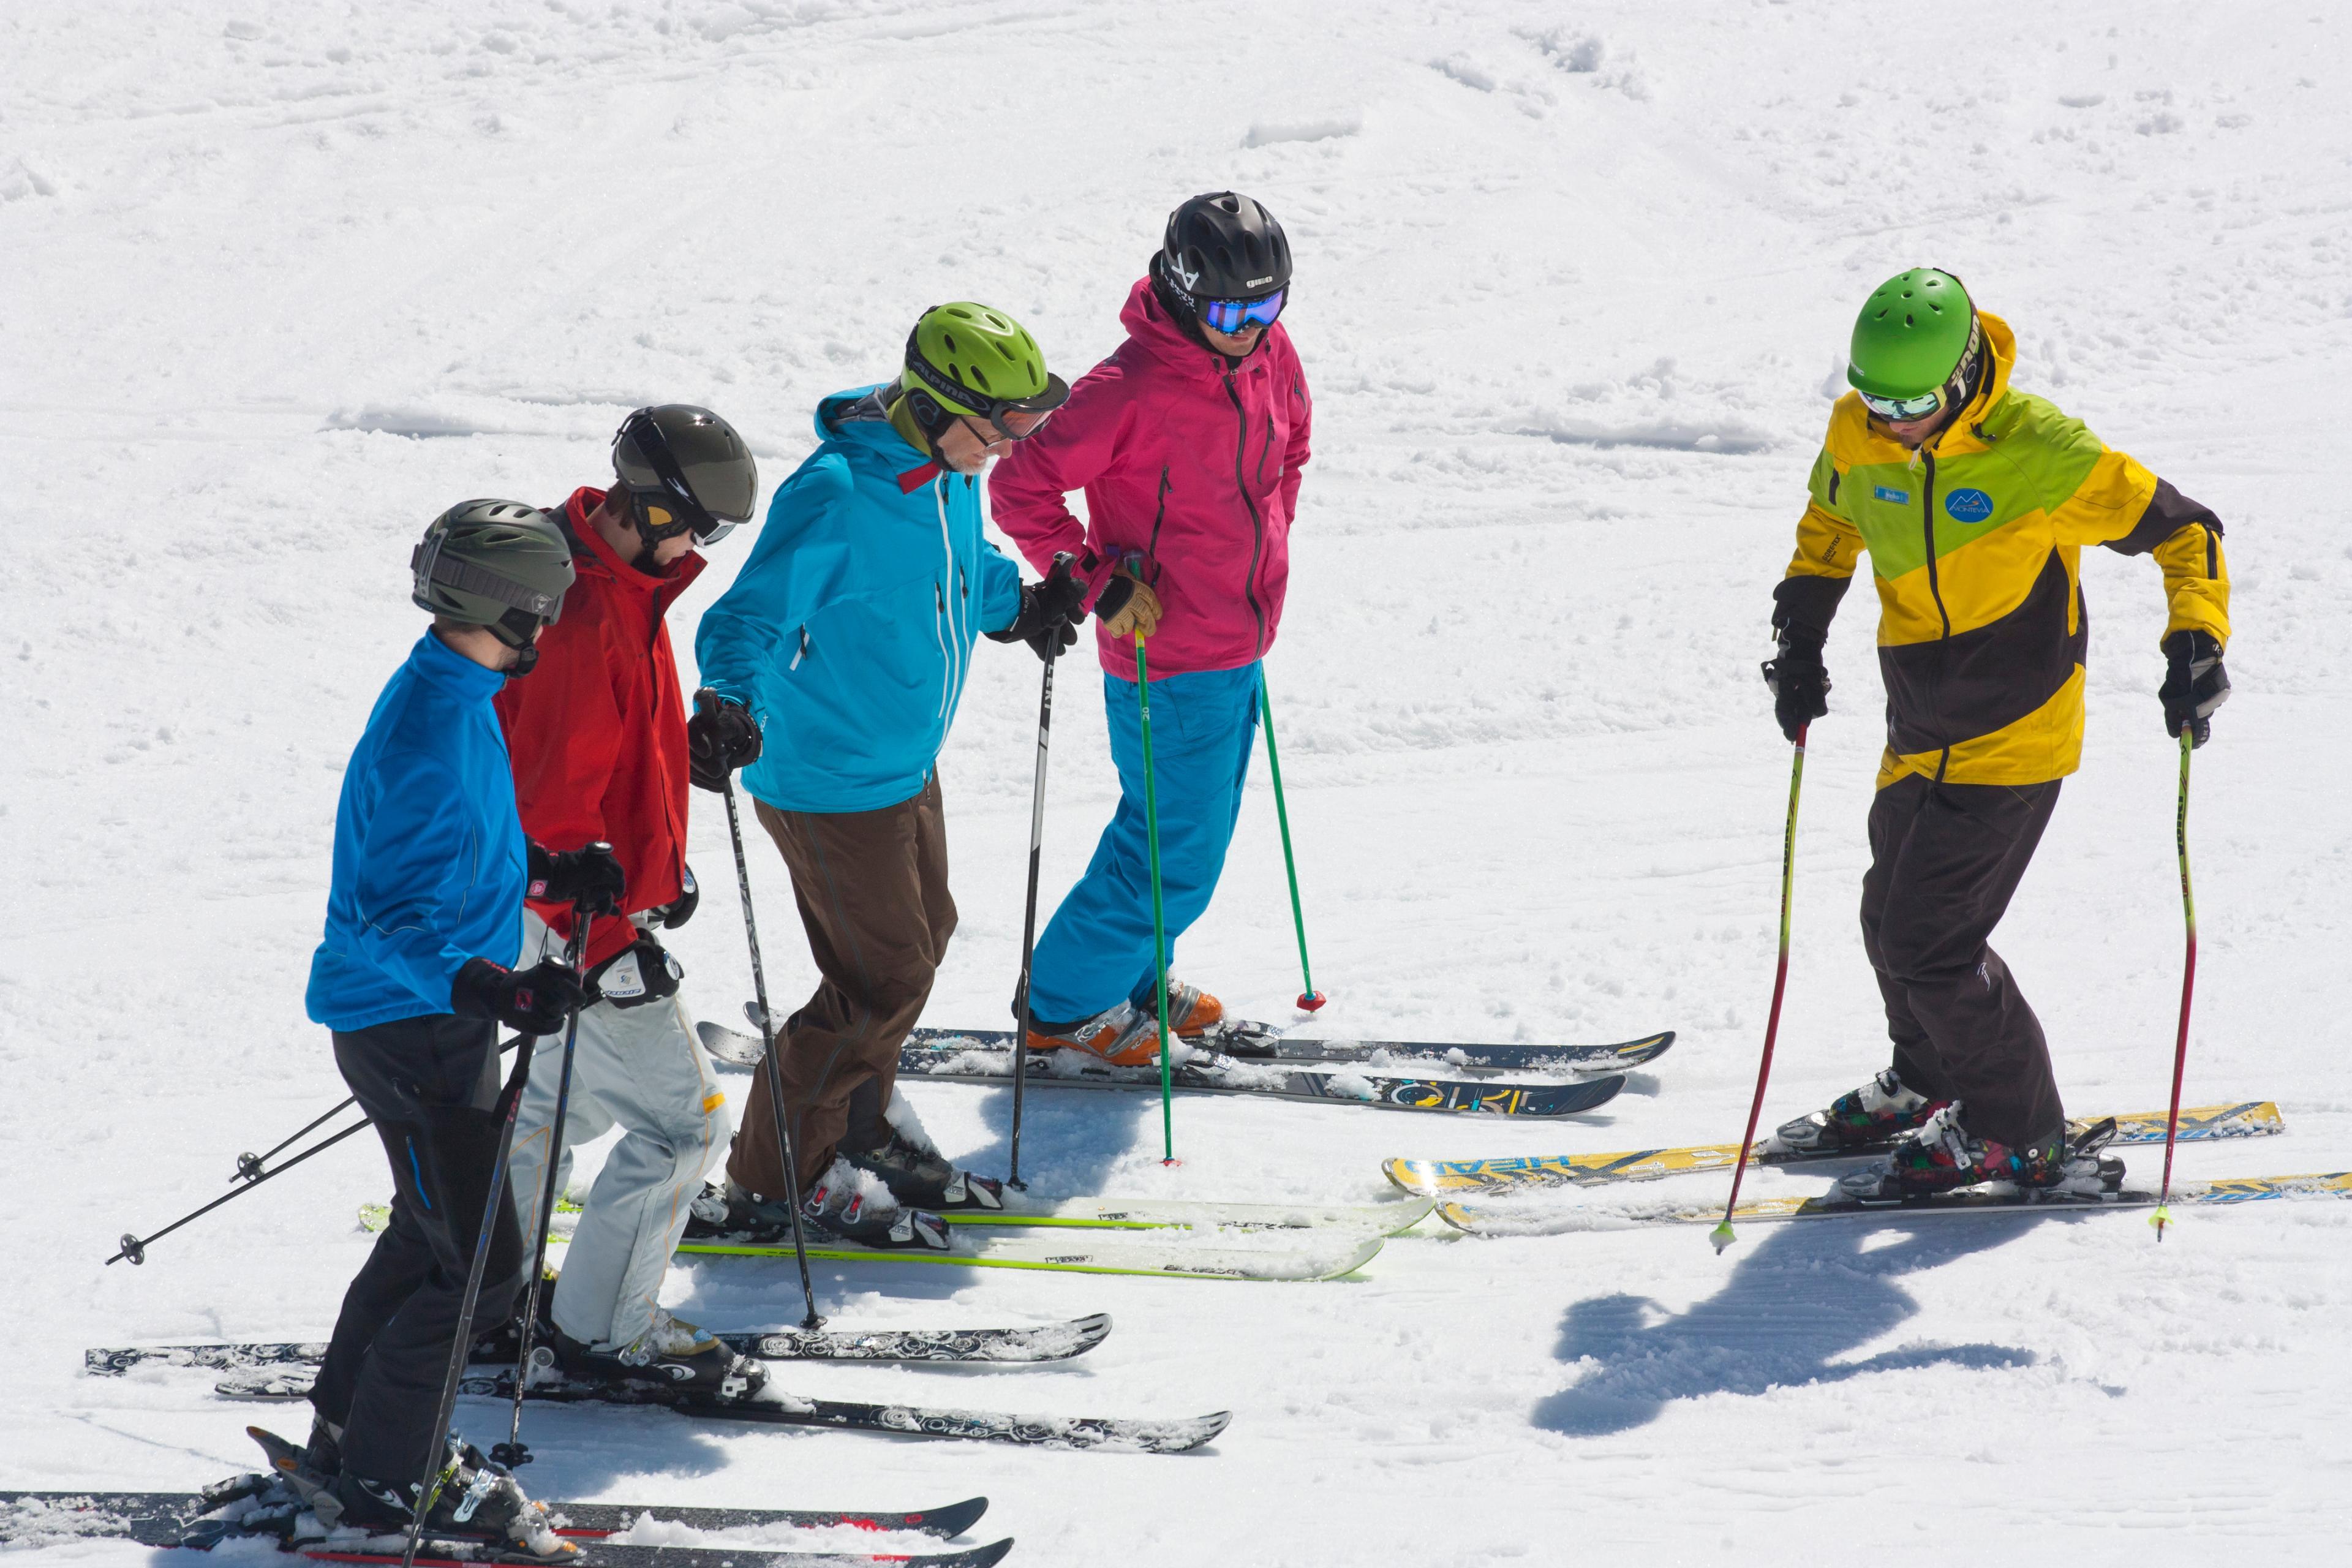 Skilessen voor volwassenen vanaf 16 jaar - beginners